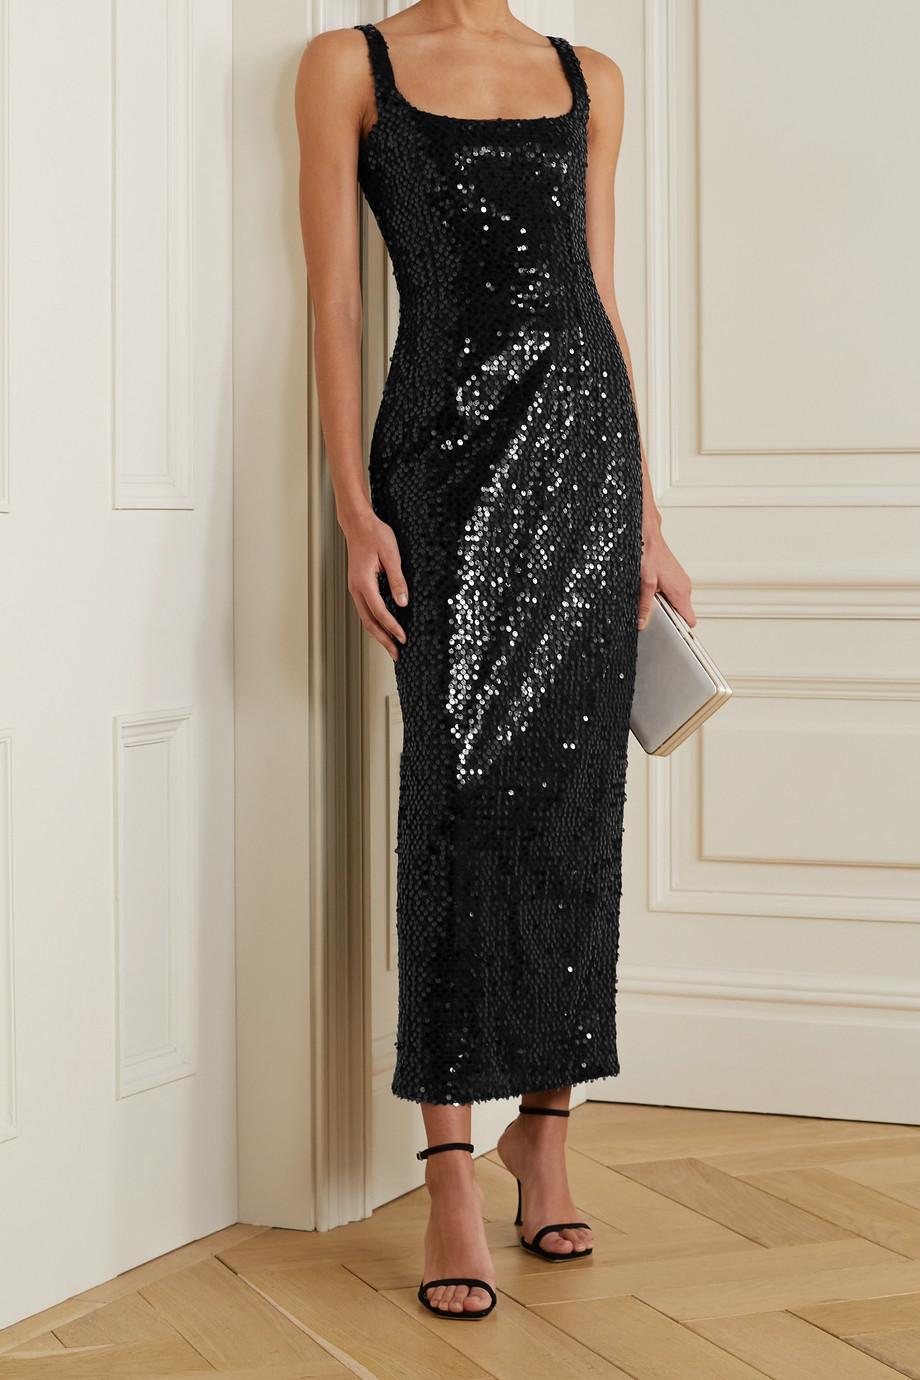 Emilia Wickstead Bassett Kleid aus Tüll mit Pailletten